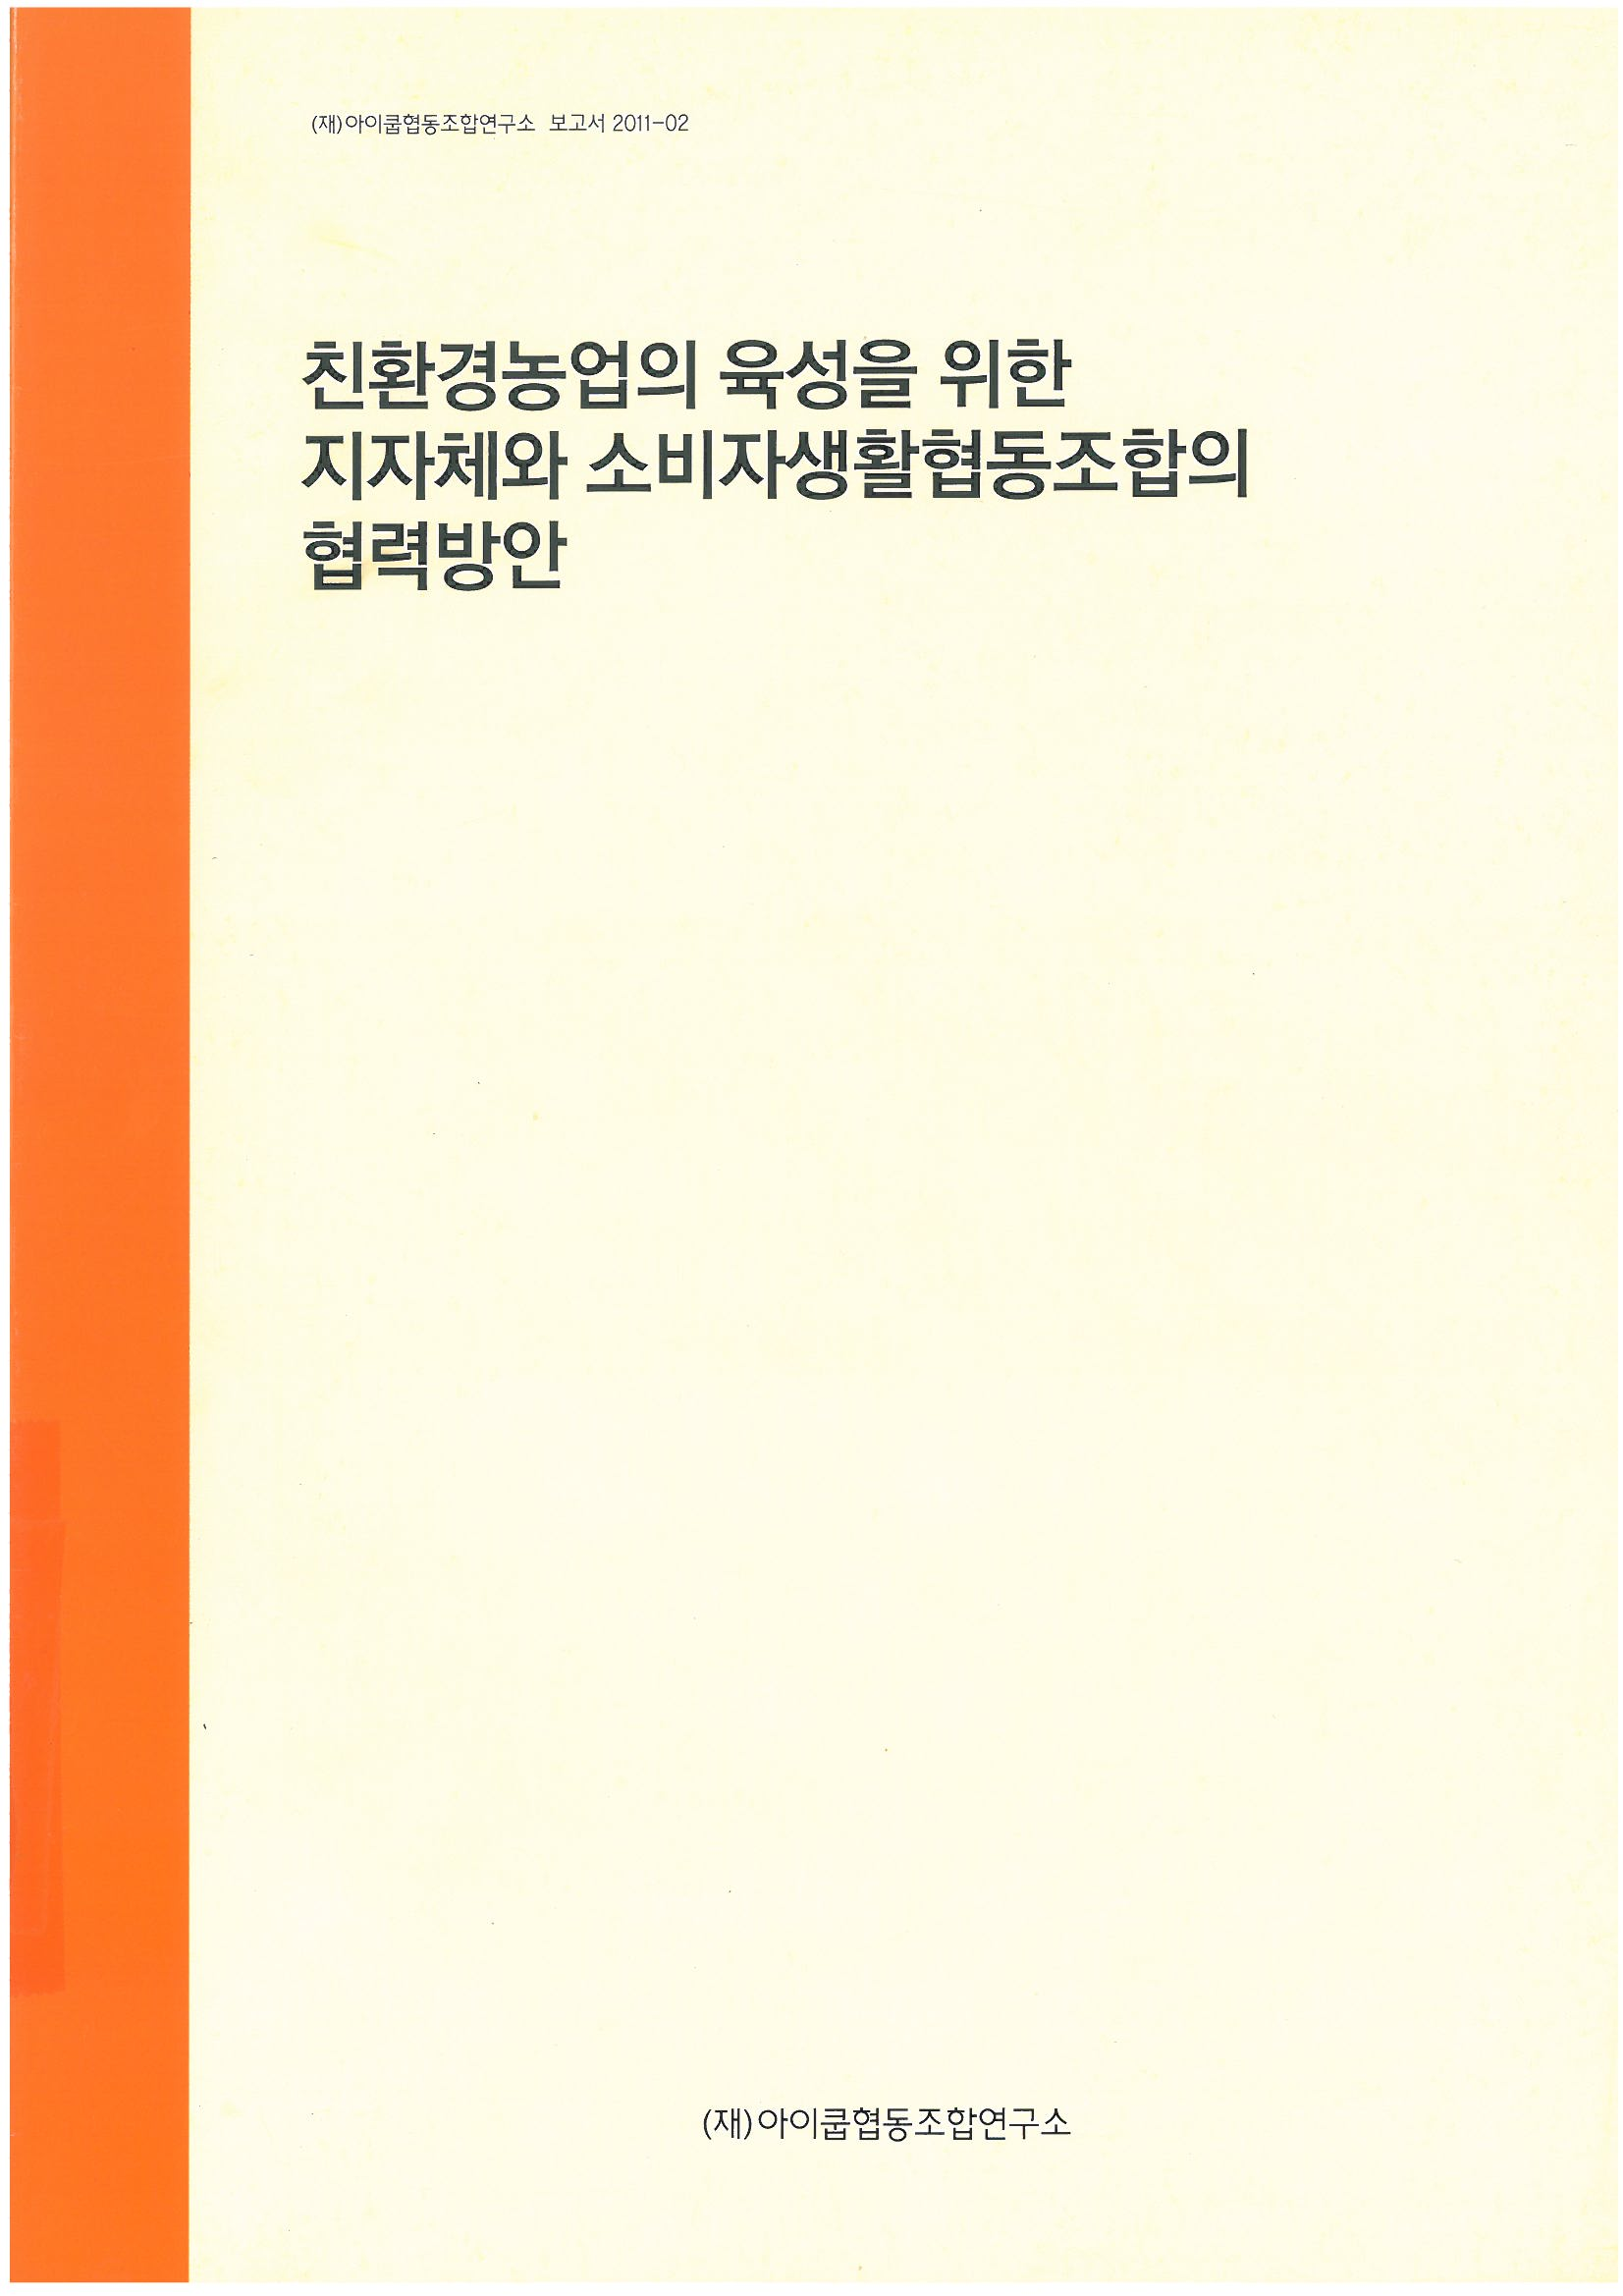 51_『친환경농업의 육성을 위한 지자체와 소비자생활협동조합의 협력방안』.jpg